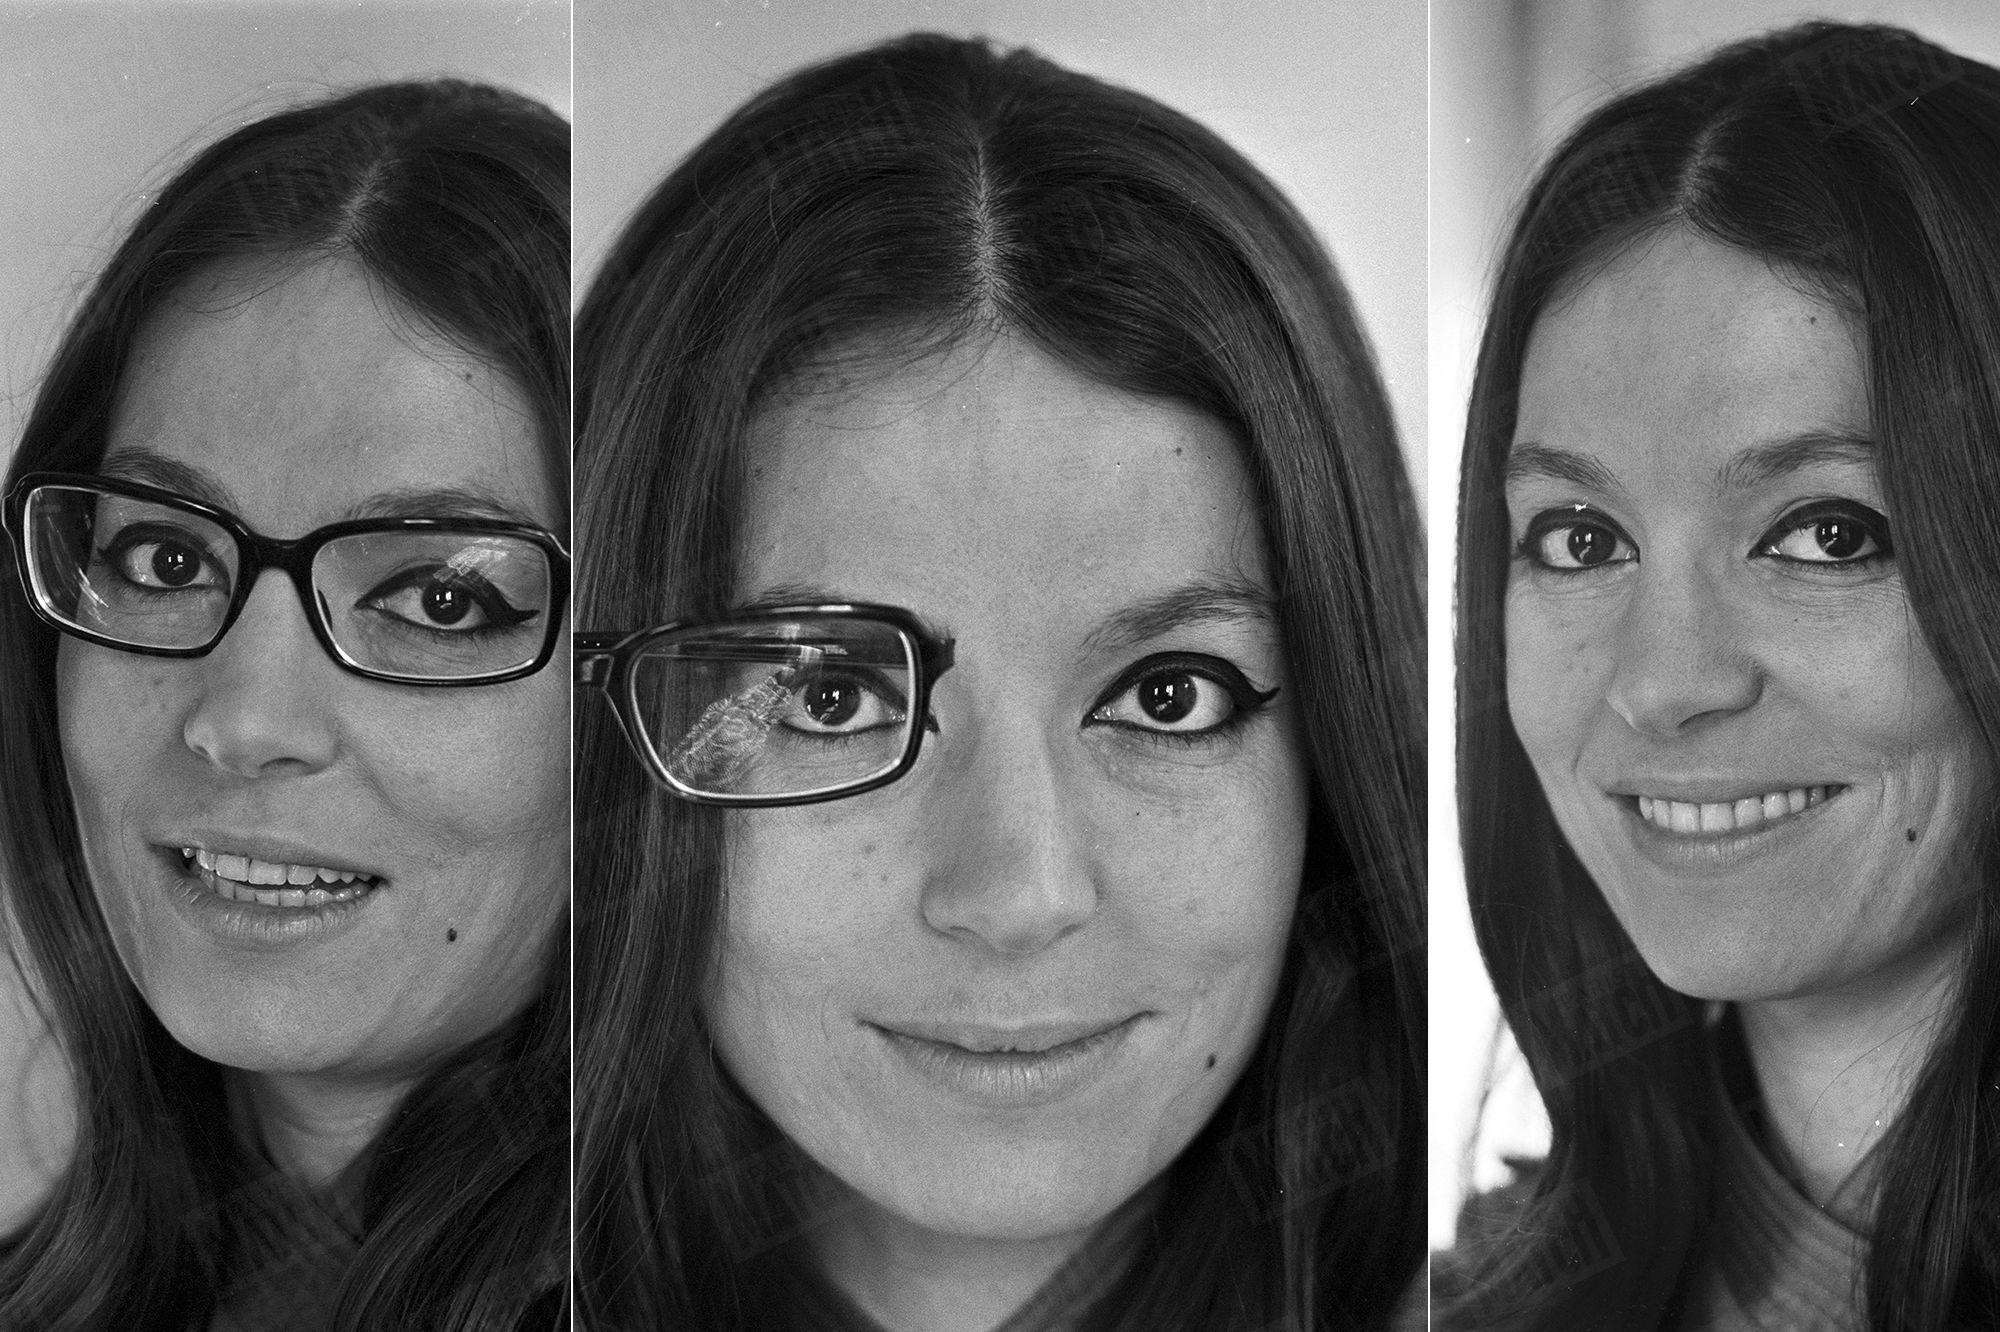 <p>Dans les archives de Match</p>Nana Mouskouri, un premier rendez-vous avec Match… sans lunettes